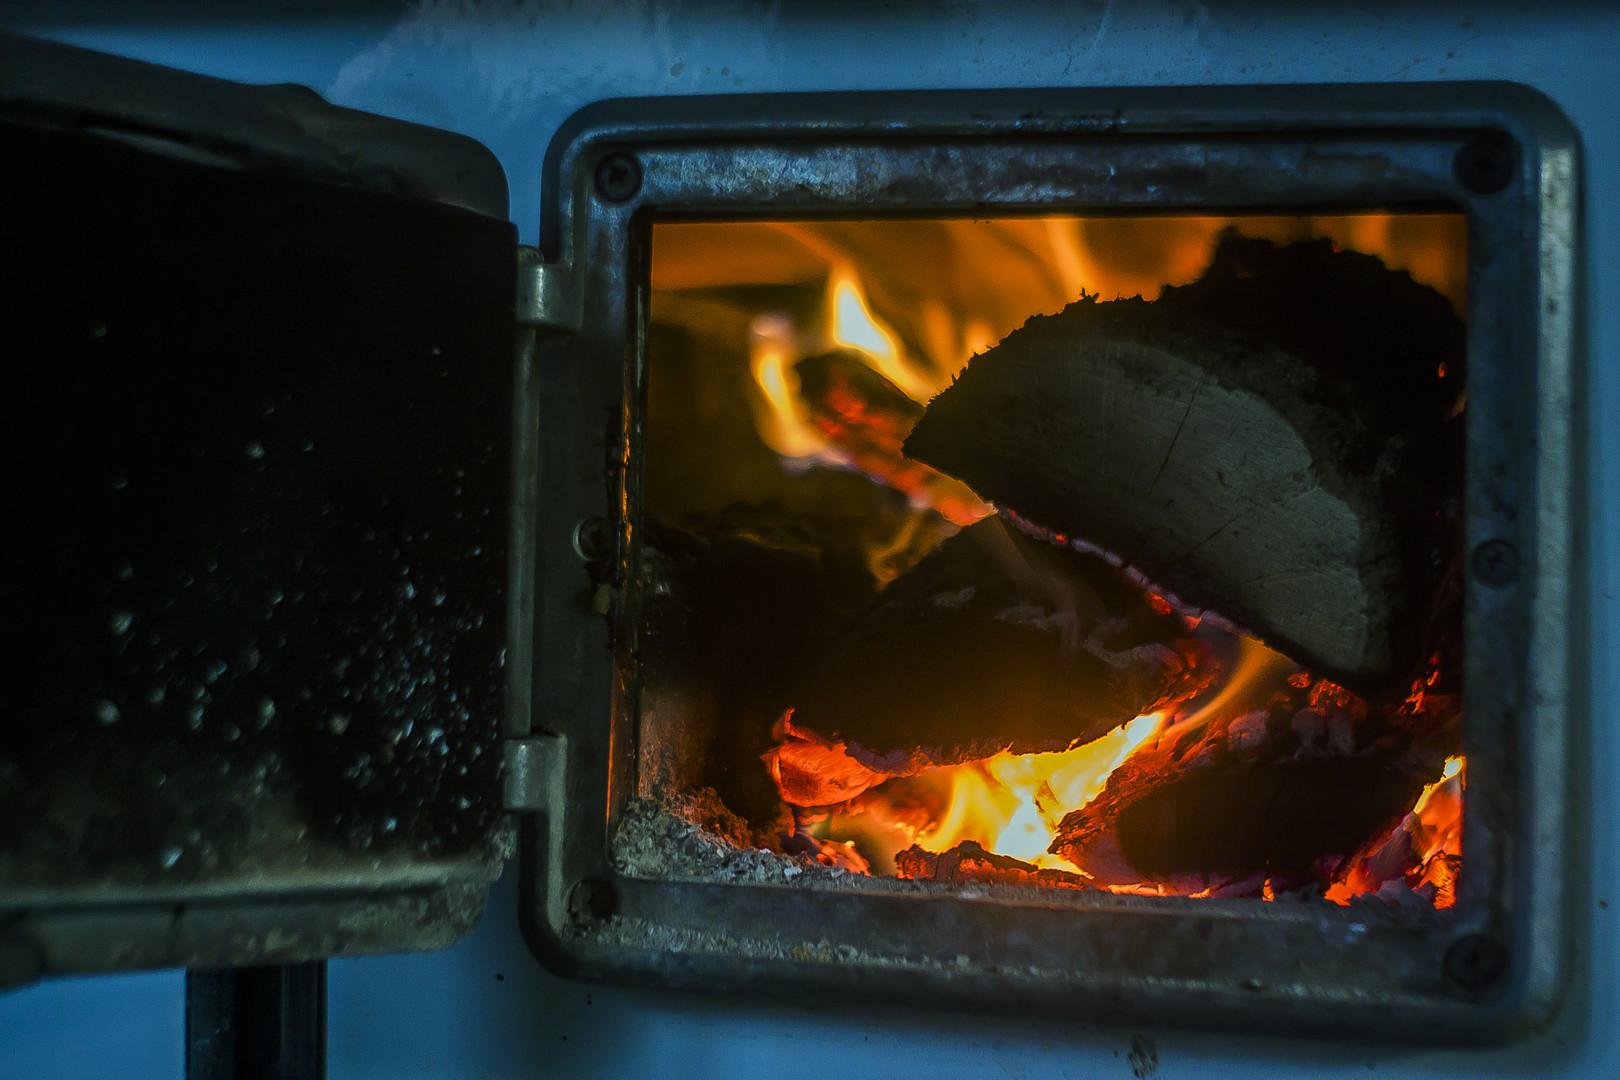 Vatra u peći